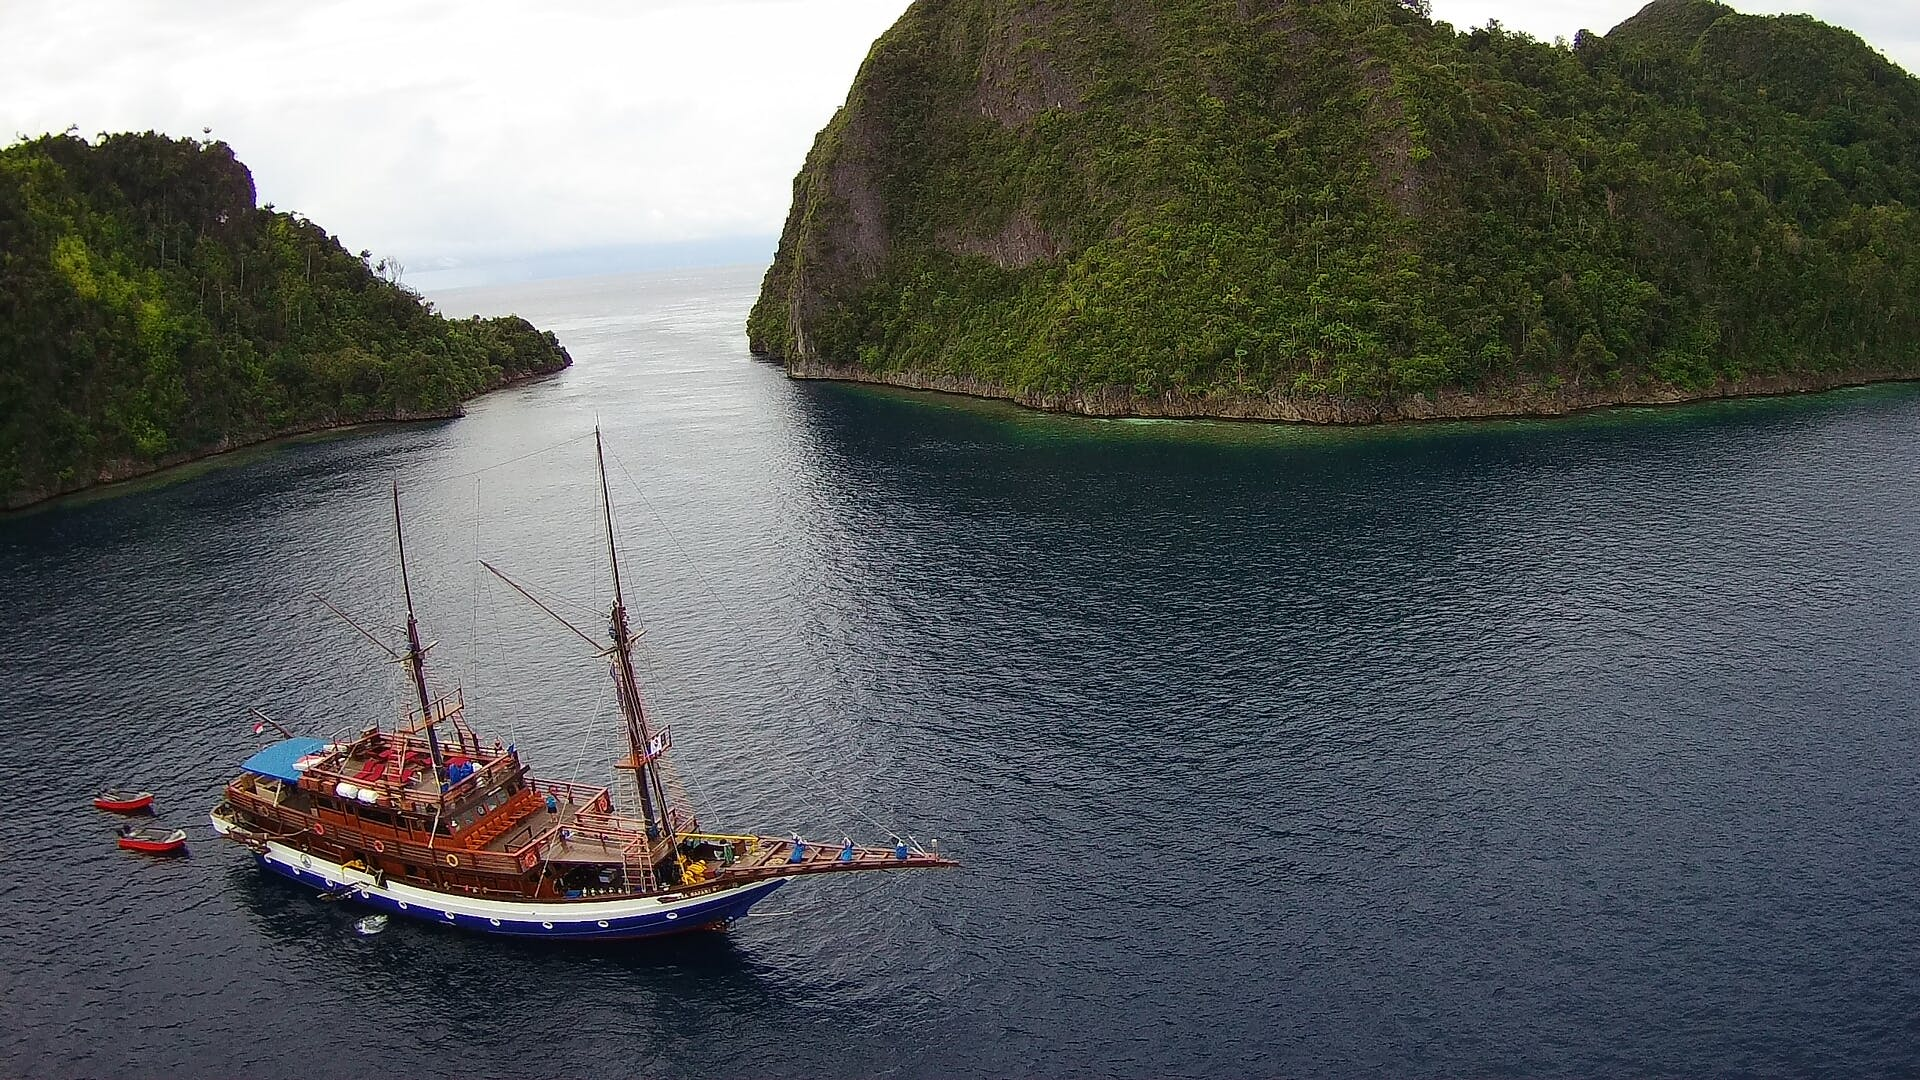 båt, berg, dagsljus